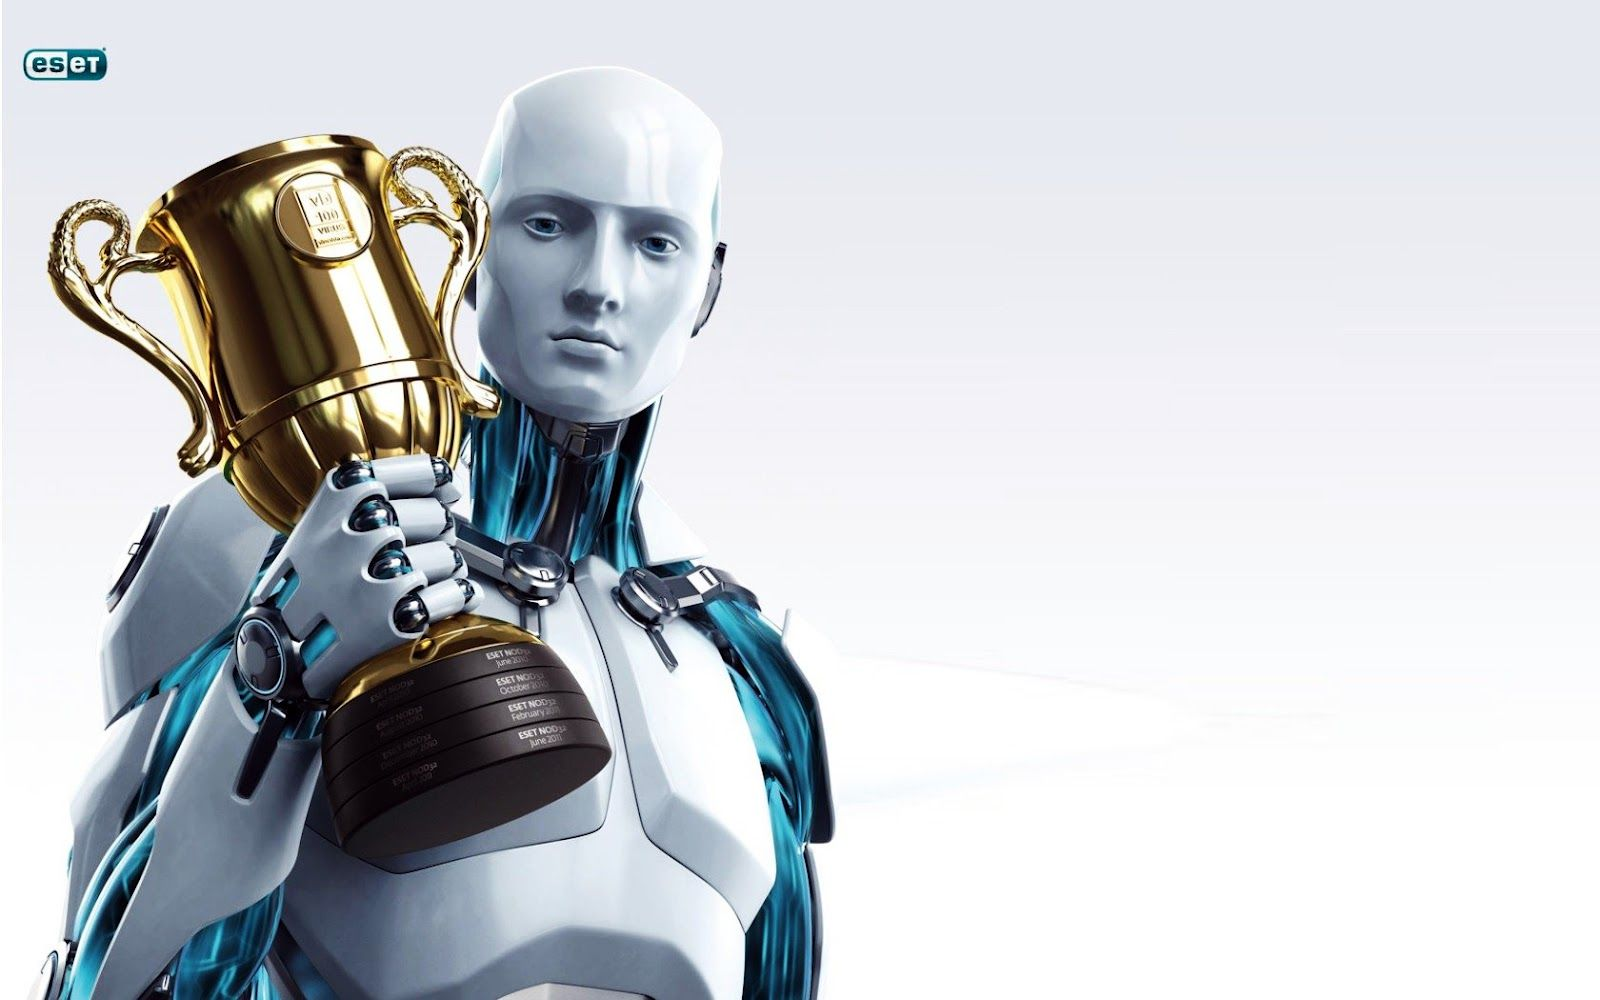 Eset Nod32 Antivirus Robot HD Wallpaper for Desktop WWW Robot 1600x1000